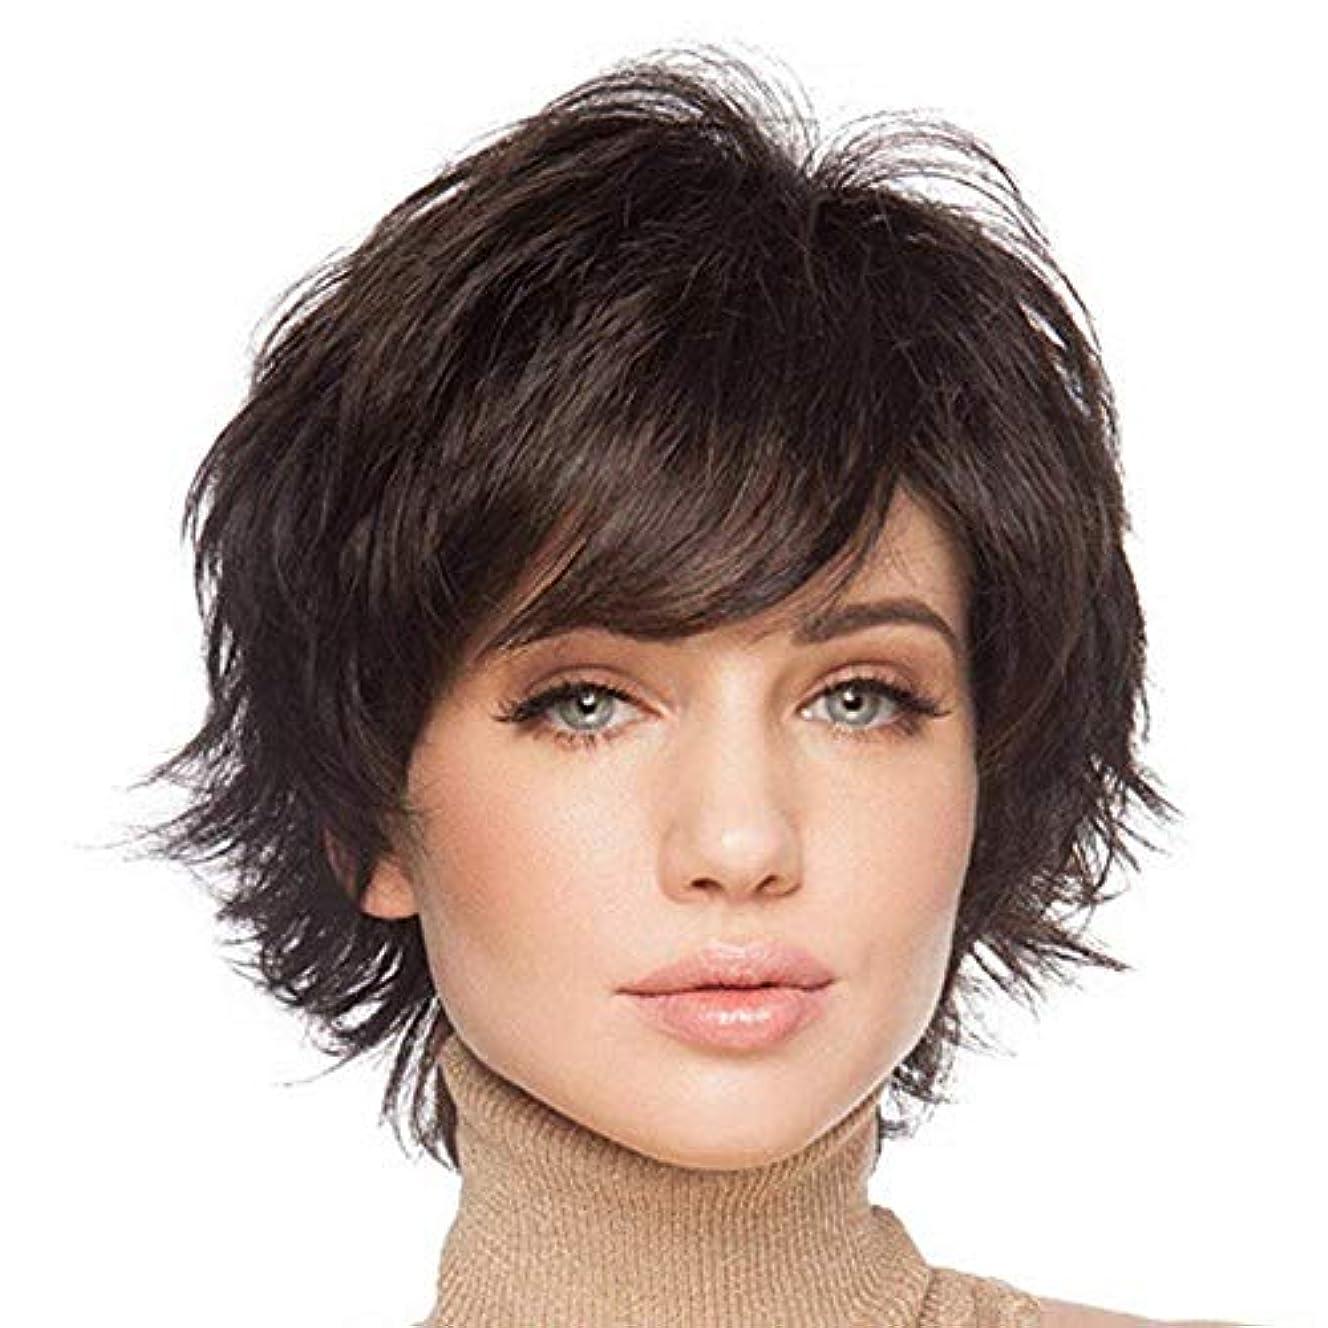 ベッド闘争テレマコス前髪の自然な人間の髪の毛のかつらを持つ女性のためのHAIRCUBEショートヘアウィッグ